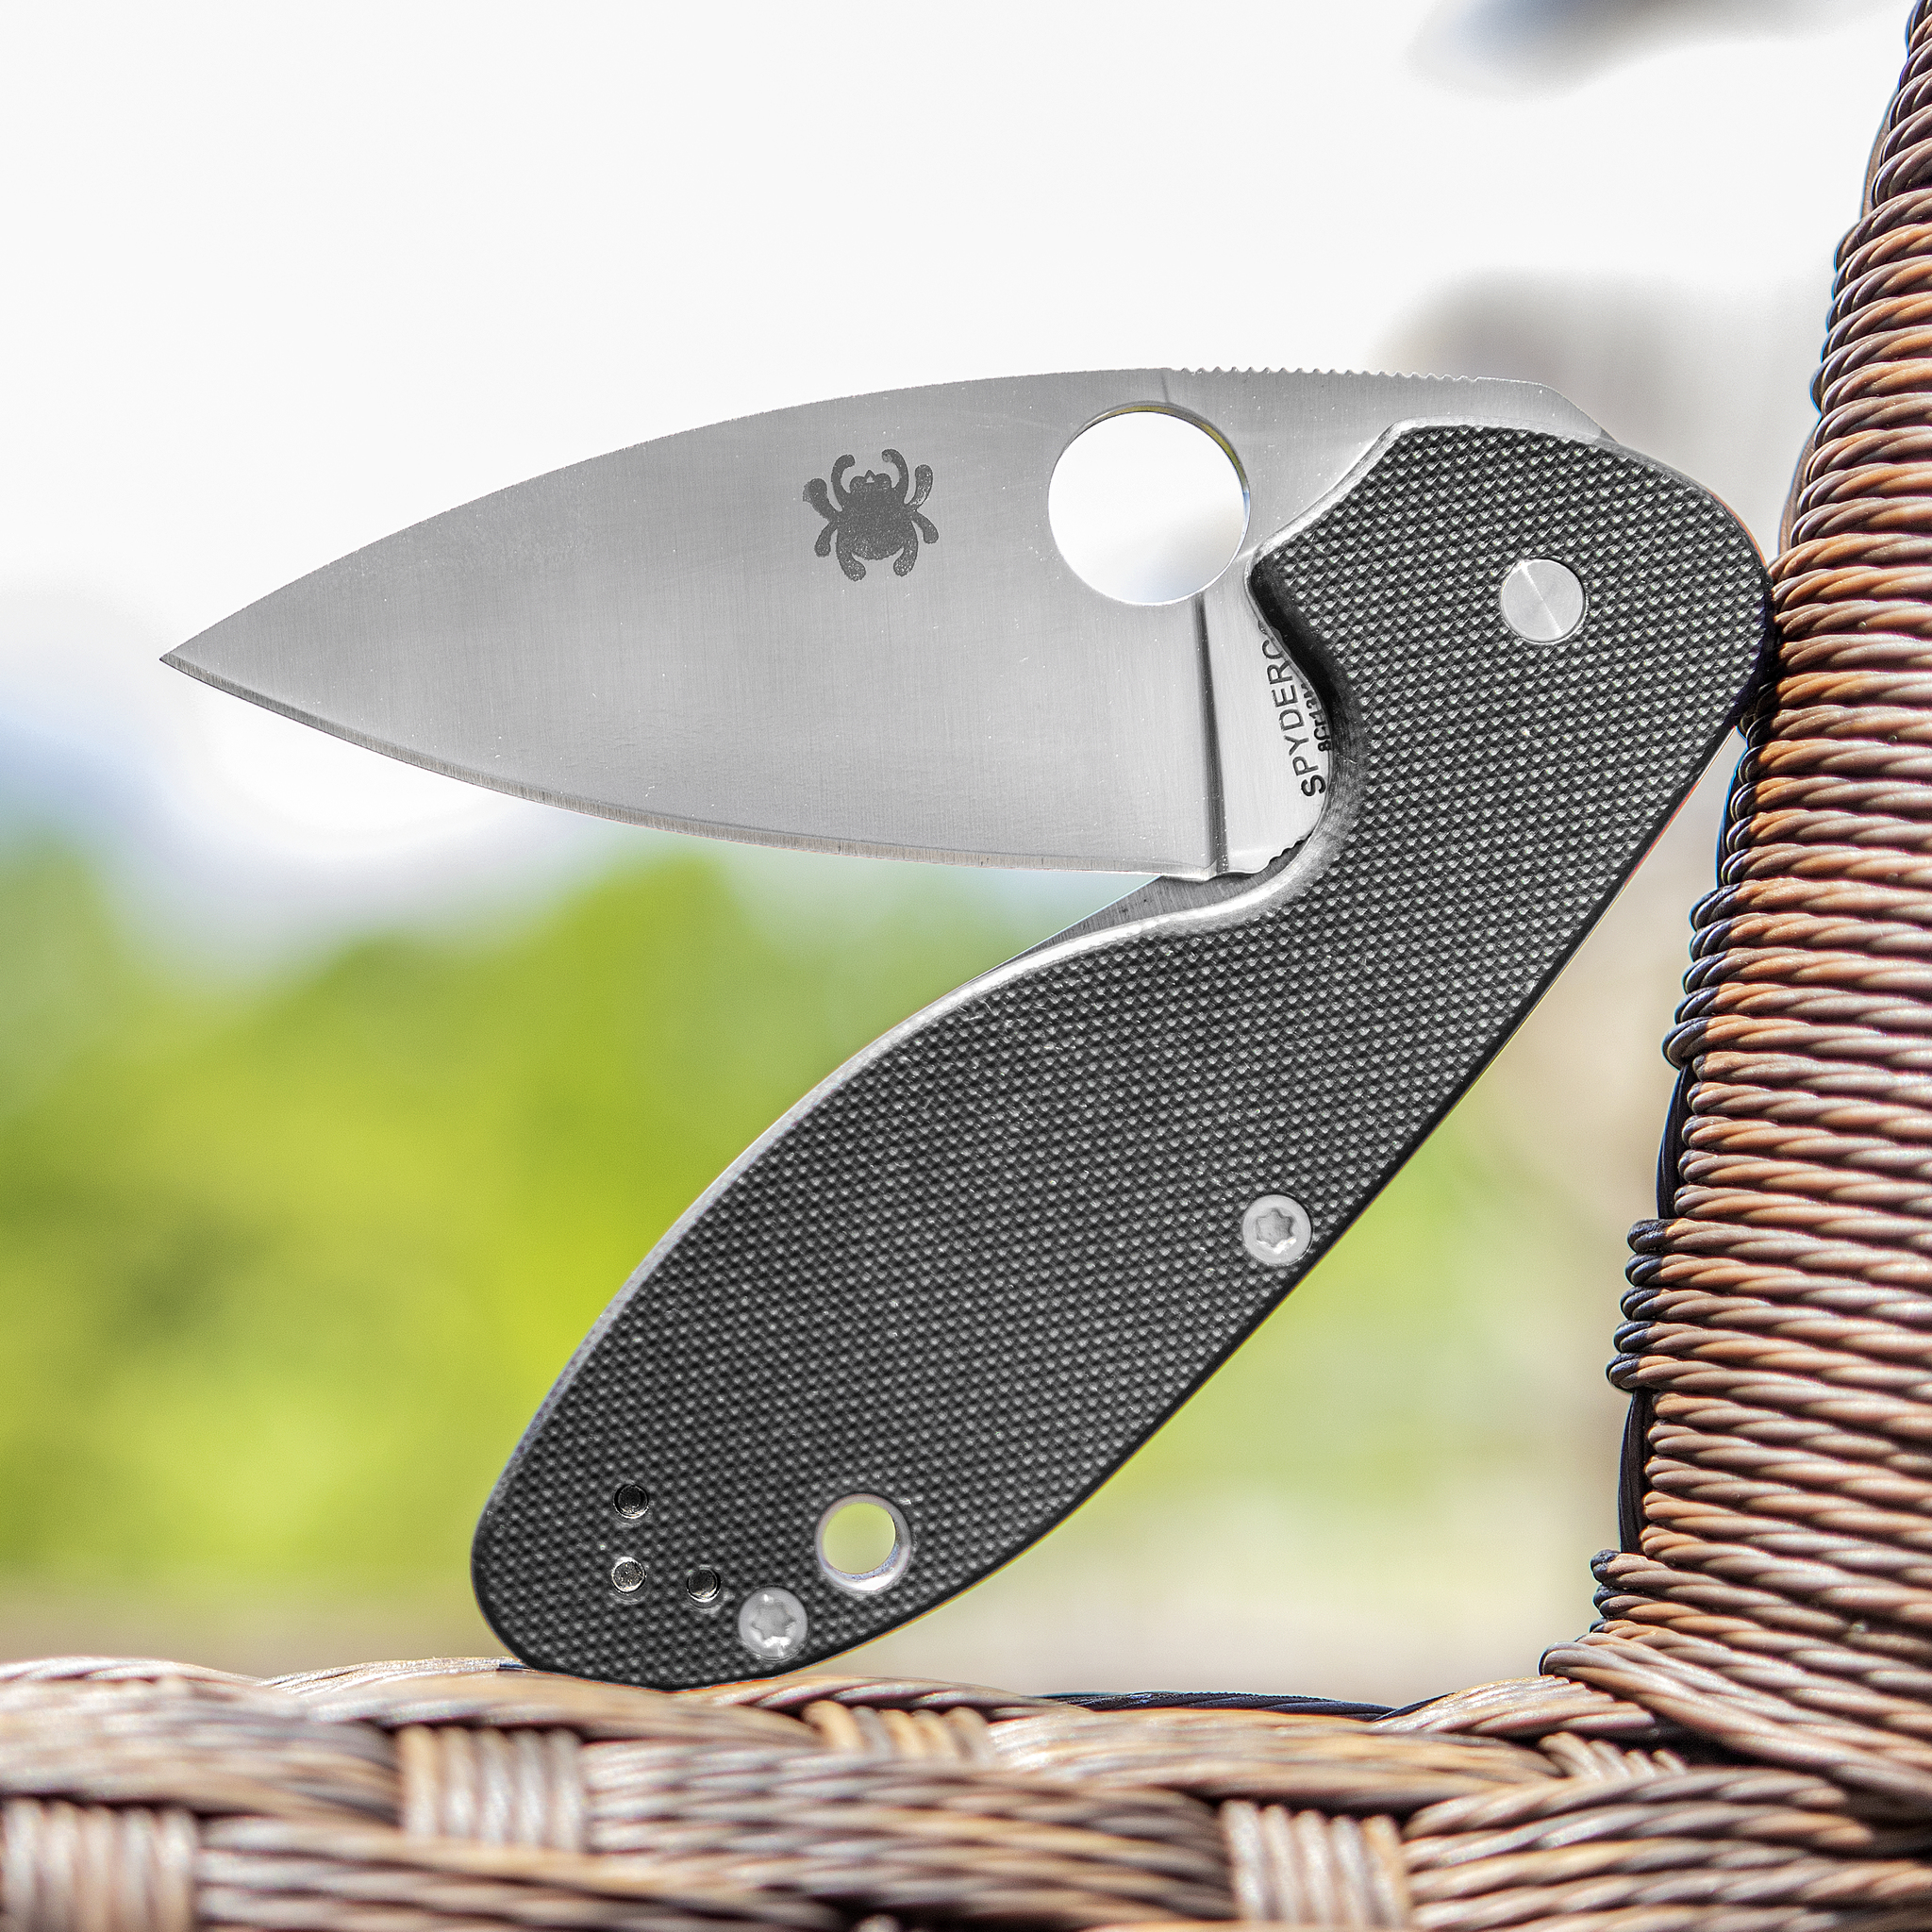 Фото 8 - Складной нож Spyderco Efficient - 216GP, сталь 8Cr13MOV Satin Plain, рукоять стеклотекстолит G10, чёрный